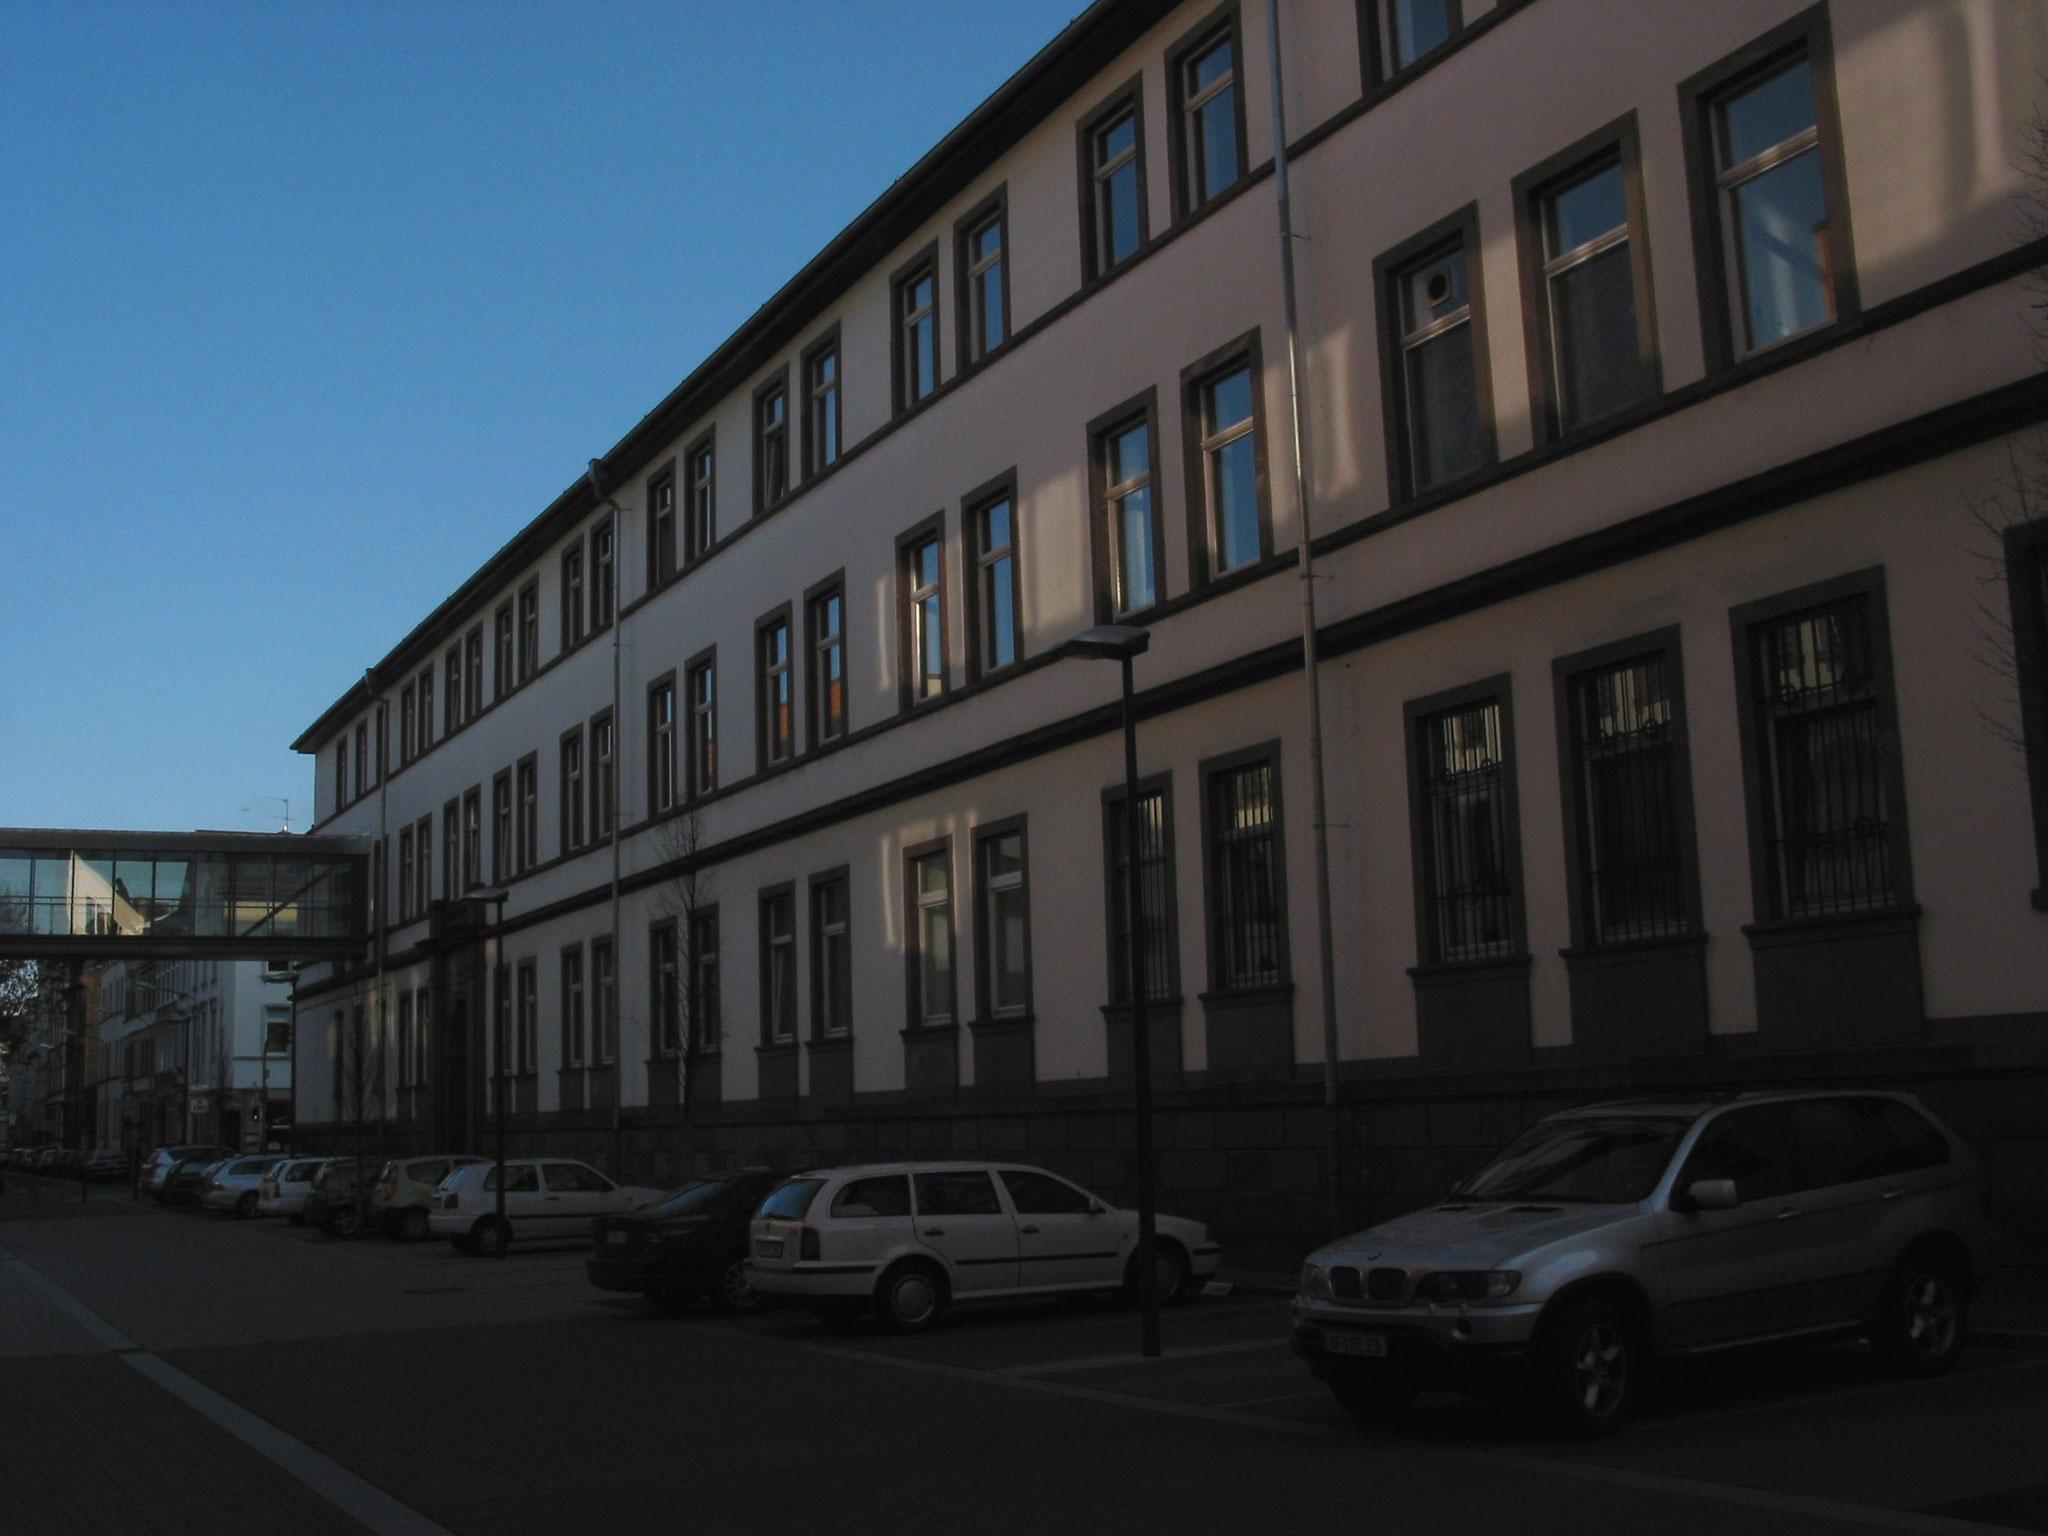 Hessisches Baumanagement; Amtsgericht Offenbach